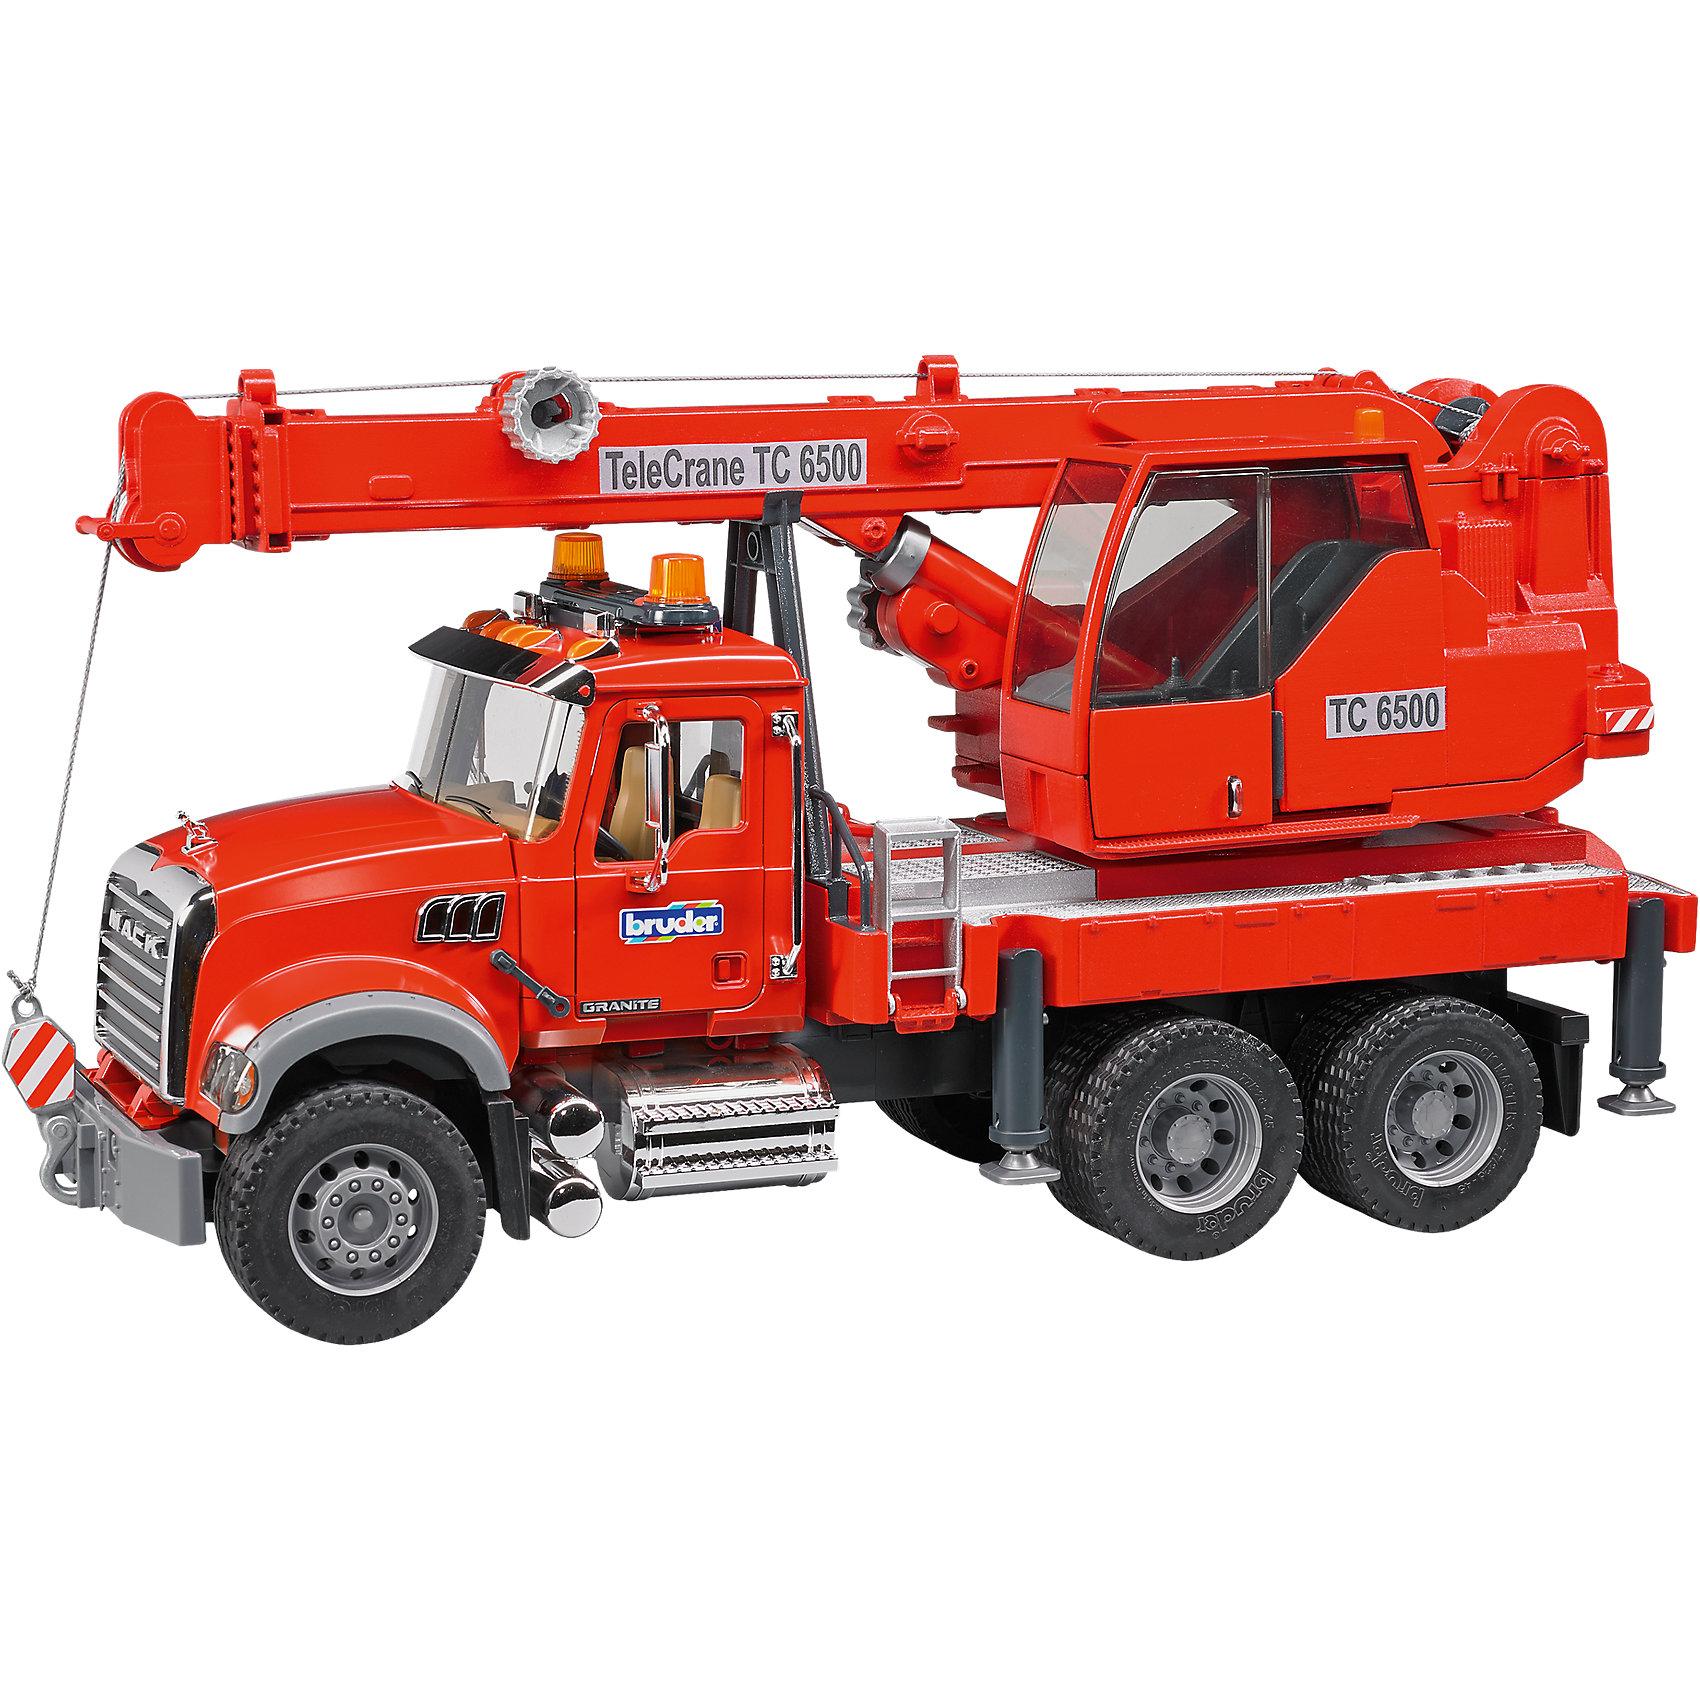 Автокран Mack с модулем со световыми и звуковыми эффектами, красный, BruderБольшой транспорт от 50 см<br>Автокран Mack с модулем со световыми и звуковыми эффектами, красный, Bruder.<br><br>Характеристики:<br><br>- Масштаб 1:16<br>- Материал: пластик<br>- Размер автокрана: 53,5x18,5x28 см..<br>- Батарейки: 3 x C / LR14 1.5V (входят в комплект)<br><br>Автокран Mack - это качественная детализированная игрушка с подвижными элементами. Автокран немецкого производителя игрушек Bruder (Брудер) в точности повторяет реально существующую машину. Все детали игрушки выполнены с максимальной точностью и подробной детализацией. Стрела крана оснащена лебедкой с крюком и может двигаться. Конструкция стрелы крана поршневая, тип управления механический. Кабина крановщика поворачивается. Для устойчивости автокрана предусмотрены четыре стойки, находящиеся с боков платформы. Стекла кабины выполнены из прозрачного тонкого пластика. Двери кабины открываются, внутрь можно поместить фигурку. Прорезиненные колеса с рельефными протекторами выглядят очень правдоподобно. Функциональный автомобиль оснащен модулем со световыми и звуковыми эффектами, который расположен на крыше кабины водителя. Модуль работает в 2 режимах: свет, свет и звук (имитирует звук двигателя). Игрушка изготовлена из высококачественного пластика, устойчивого к износу и ударам. Продукция сертифицирована, экологически безопасна для ребенка, использованные красители не токсичны и гипоаллергенны.<br><br>Автокран Mack с модулем со световыми и звуковыми эффектами, красный, Bruder можно купить в нашем интернет-магазине.<br><br>Ширина мм: 613<br>Глубина мм: 309<br>Высота мм: 223<br>Вес г: 3025<br>Возраст от месяцев: 36<br>Возраст до месяцев: 72<br>Пол: Мужской<br>Возраст: Детский<br>SKU: 4693804